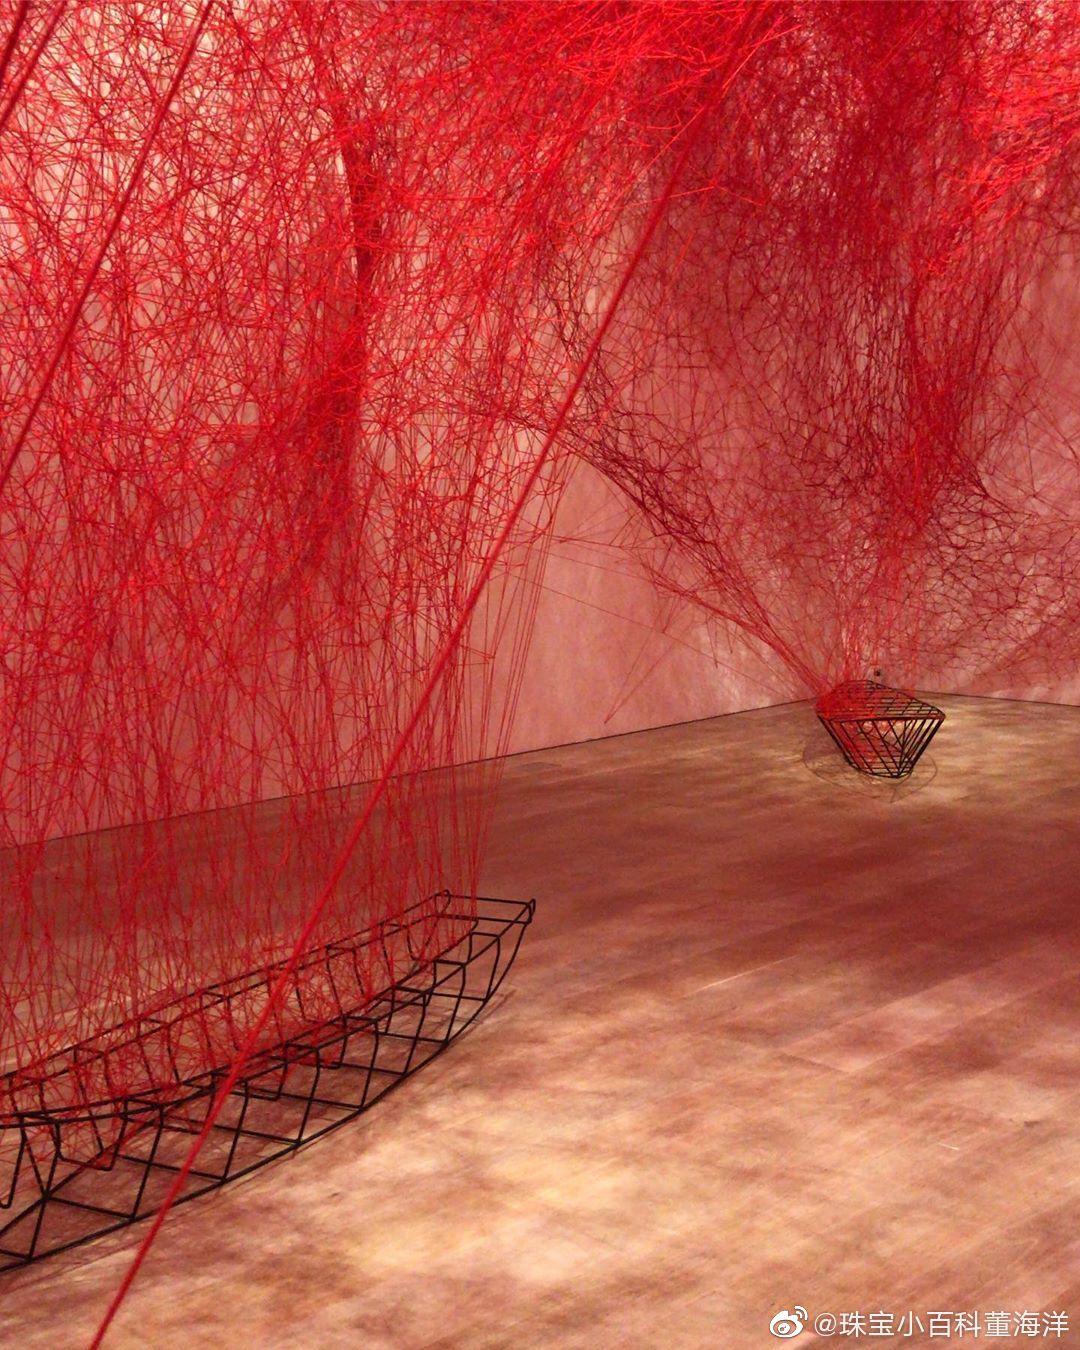 我是真滴欣赏不了现代艺术 ps. 塩田千春的展,在日本森美术馆